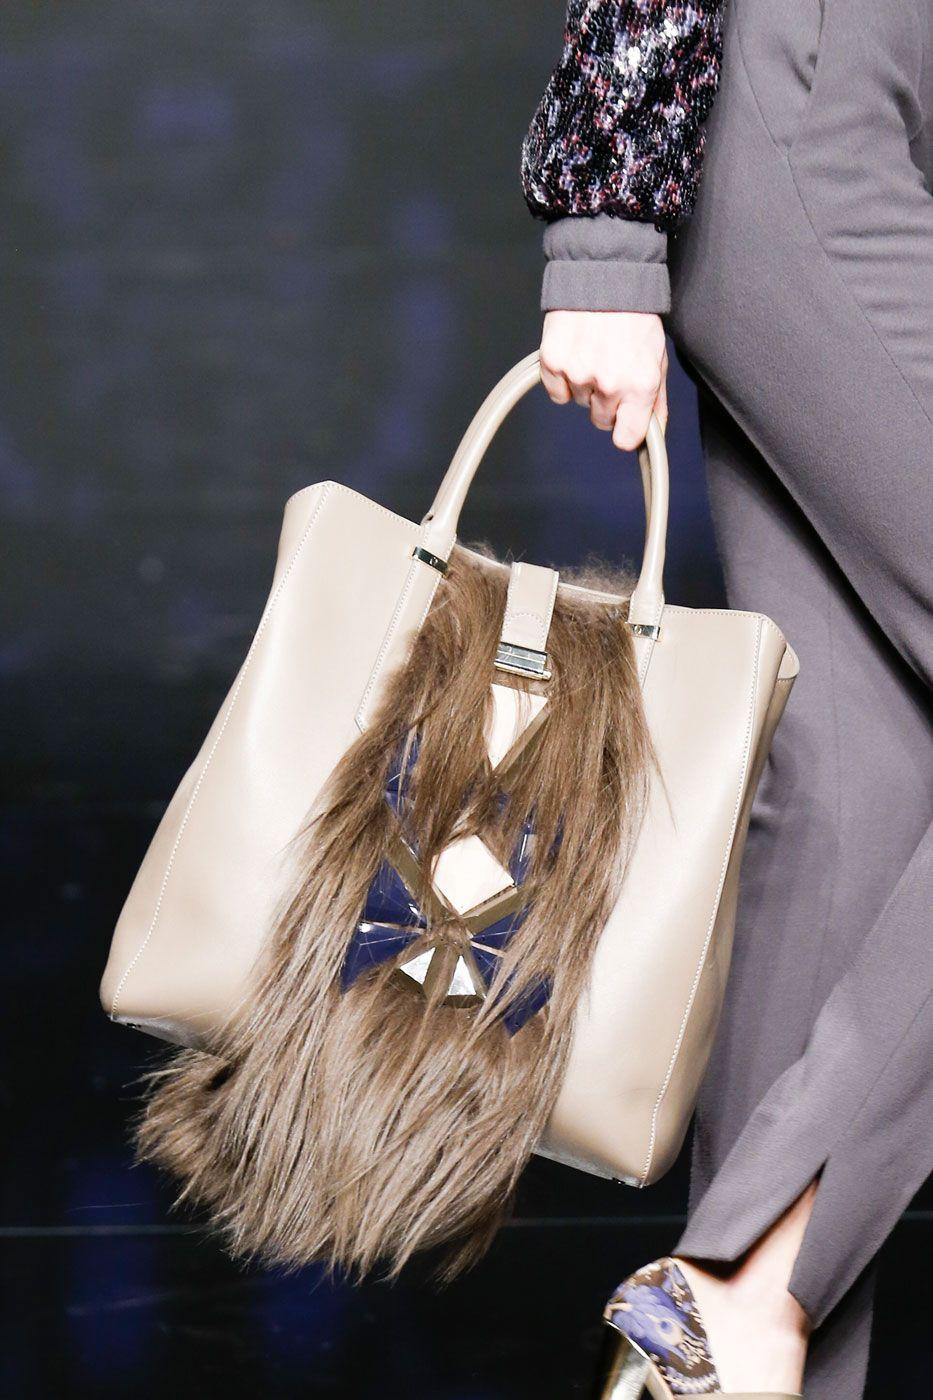 Cosmopolitan May 2014 L.A.M.B. Cloe II Handbag Sweepstakes Official Rules Cosmopolitan May 2014 L.A.M.B. Cloe II Handbag Sweepstakes Official Rules new images